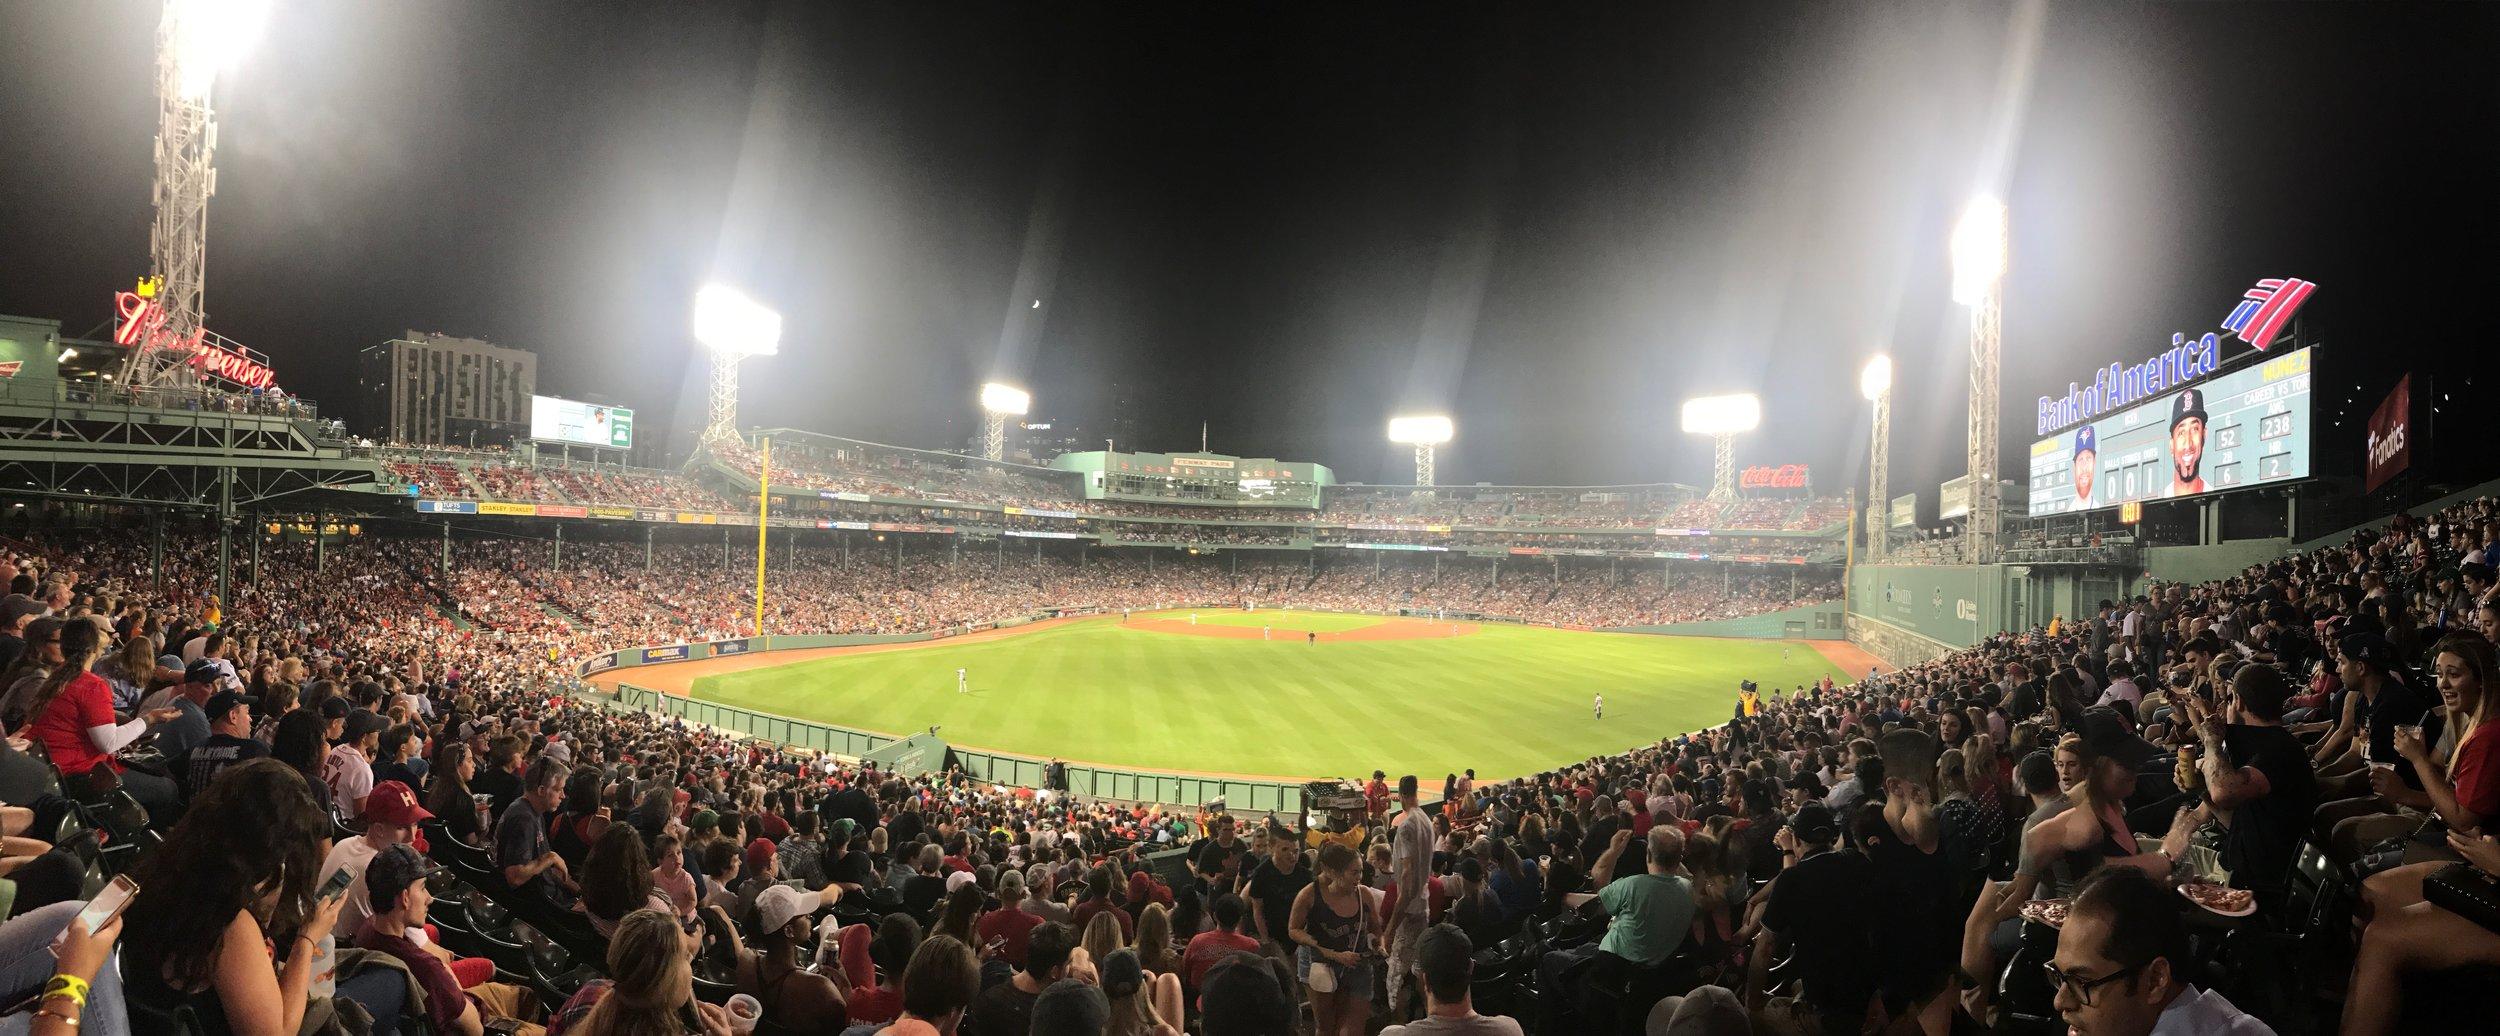 Geoff Red Sox pic.jpeg